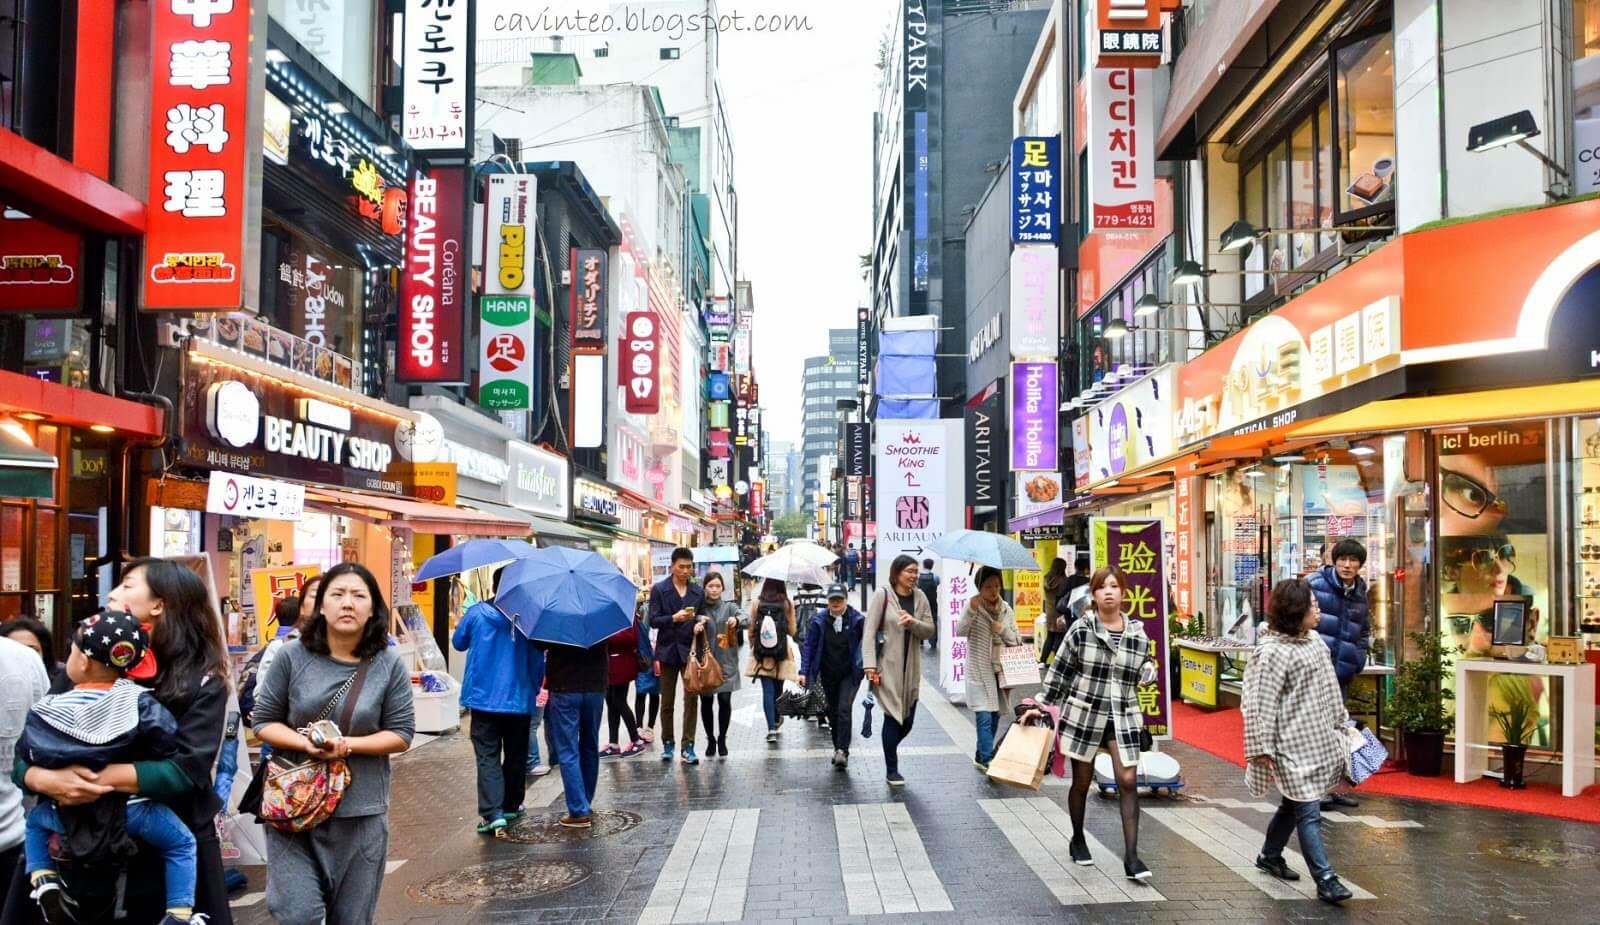 Myeongdong luôn được biết đến là khu mua sắm lớn nhất tại Seoul